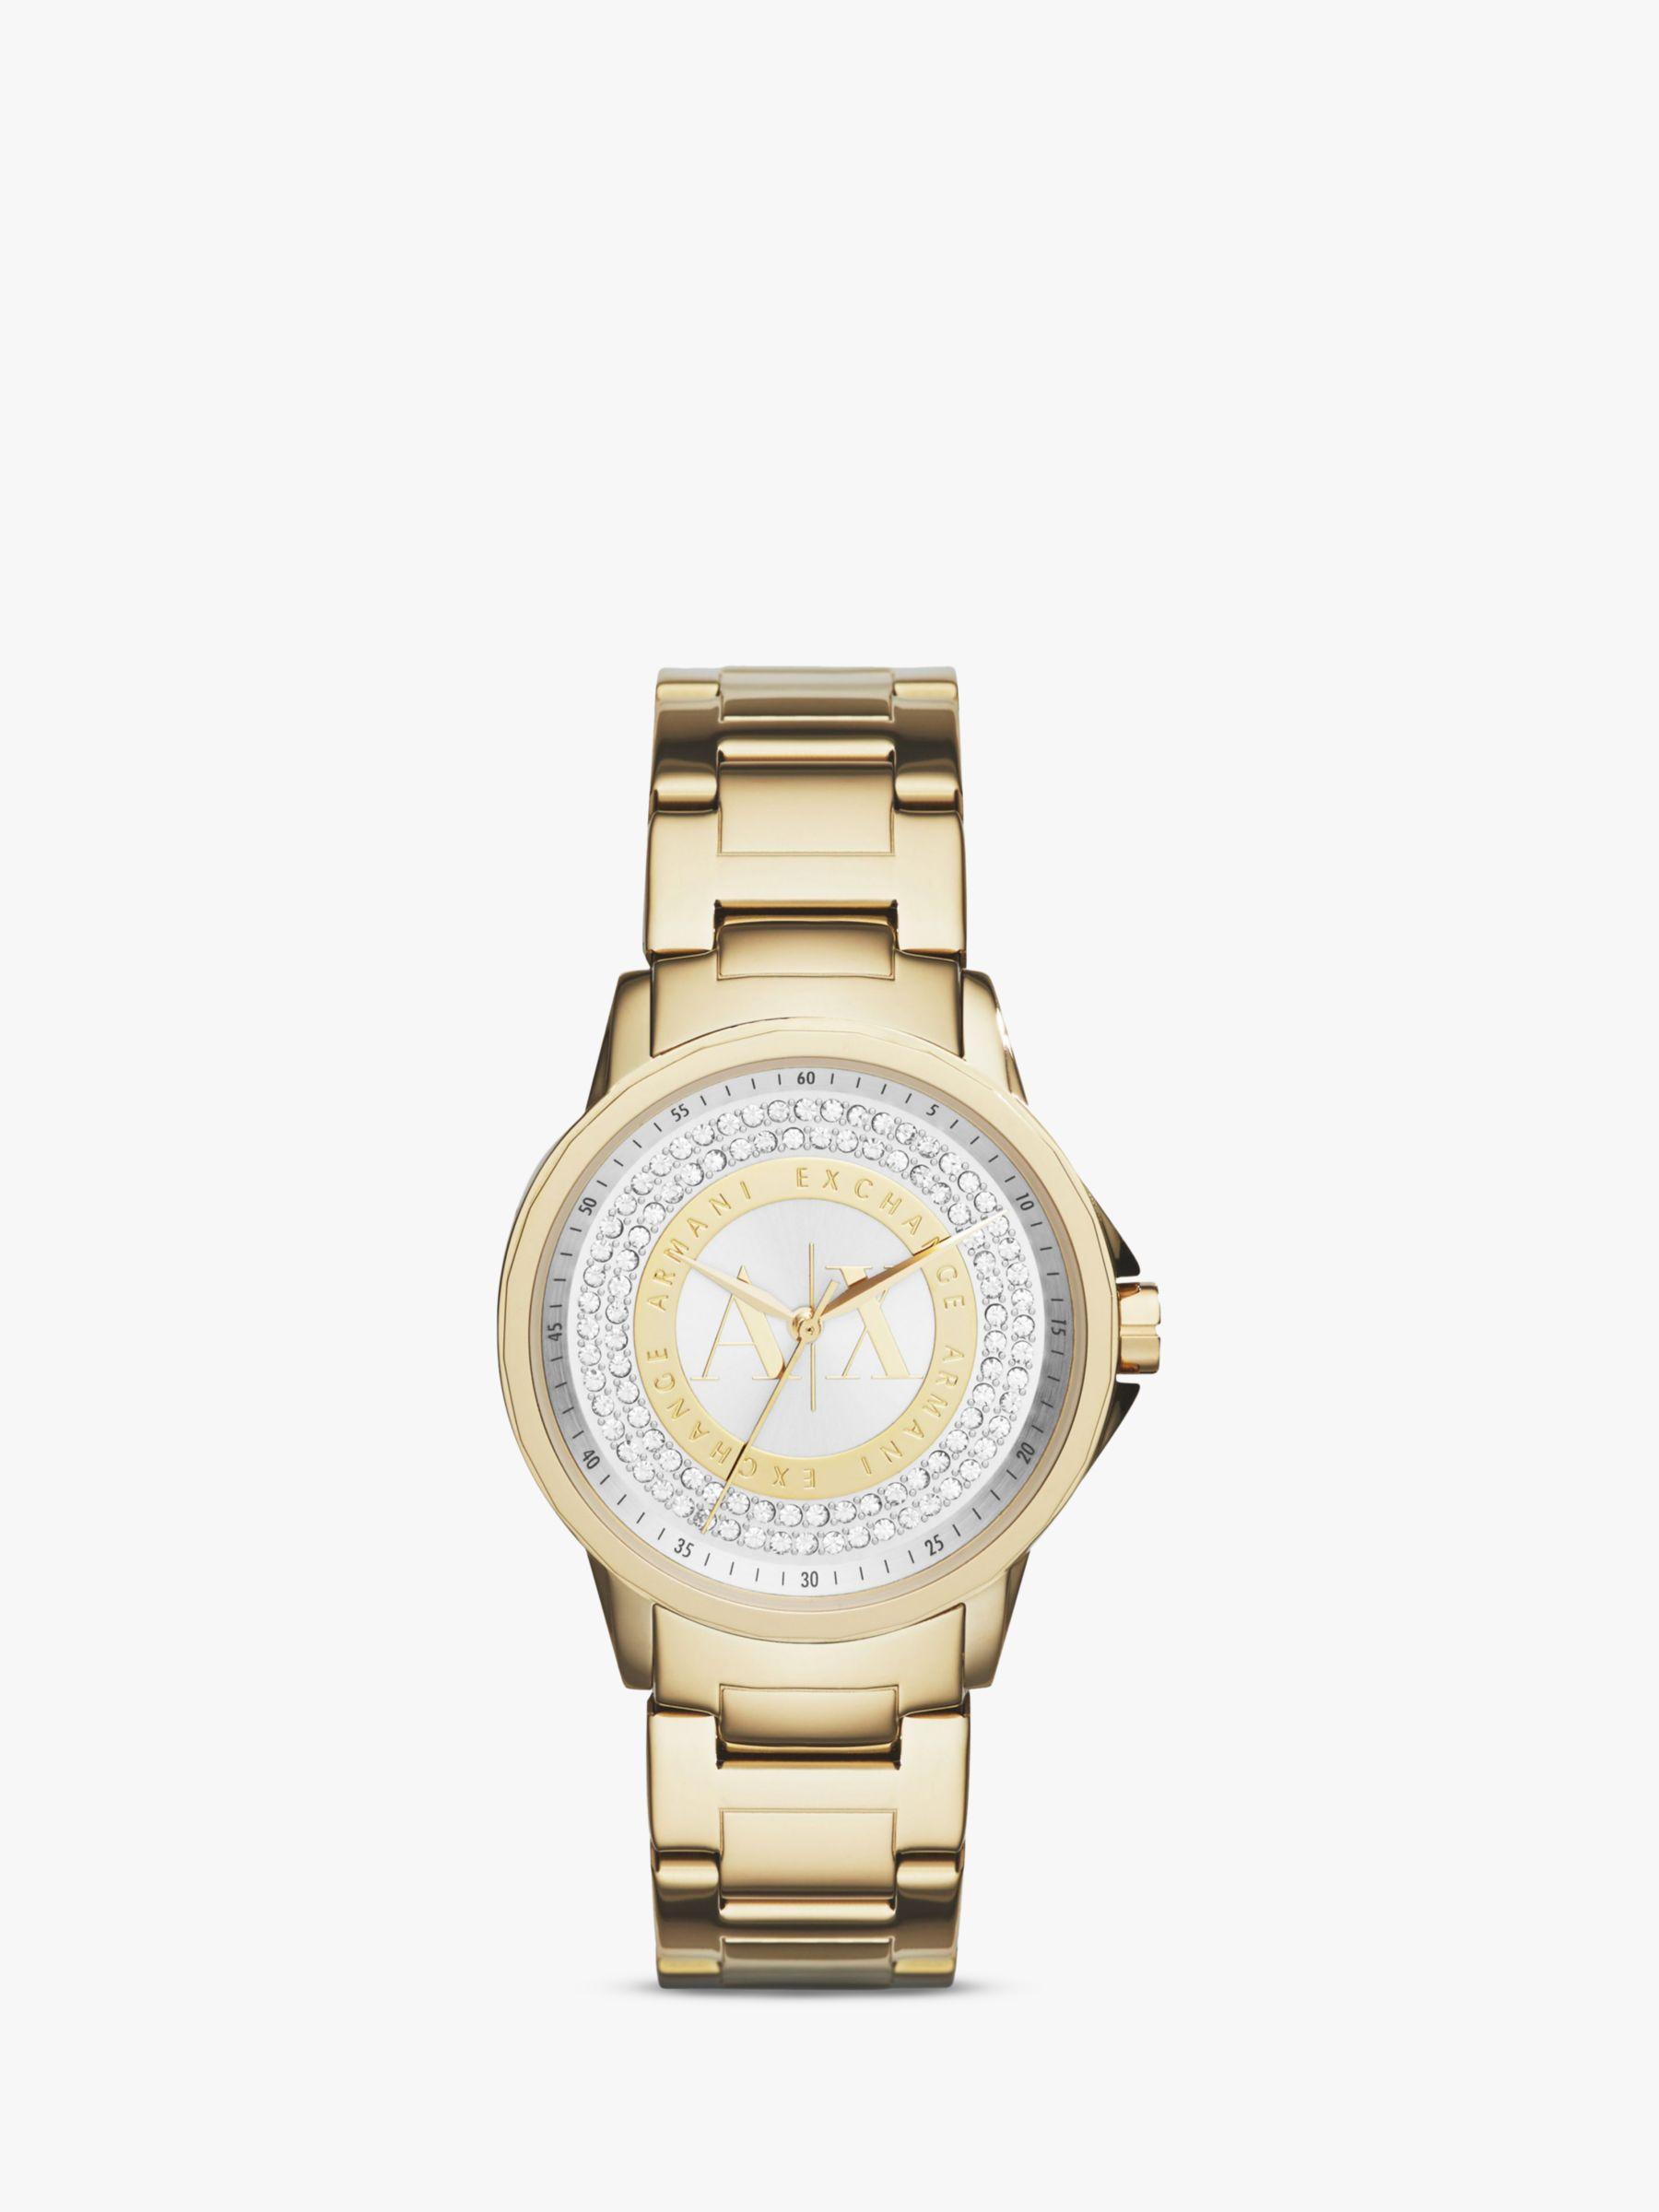 Armani Exchange Armani Exchange AX4321 Women's Crystal Bracelet Strap Watch, Gold/Silver